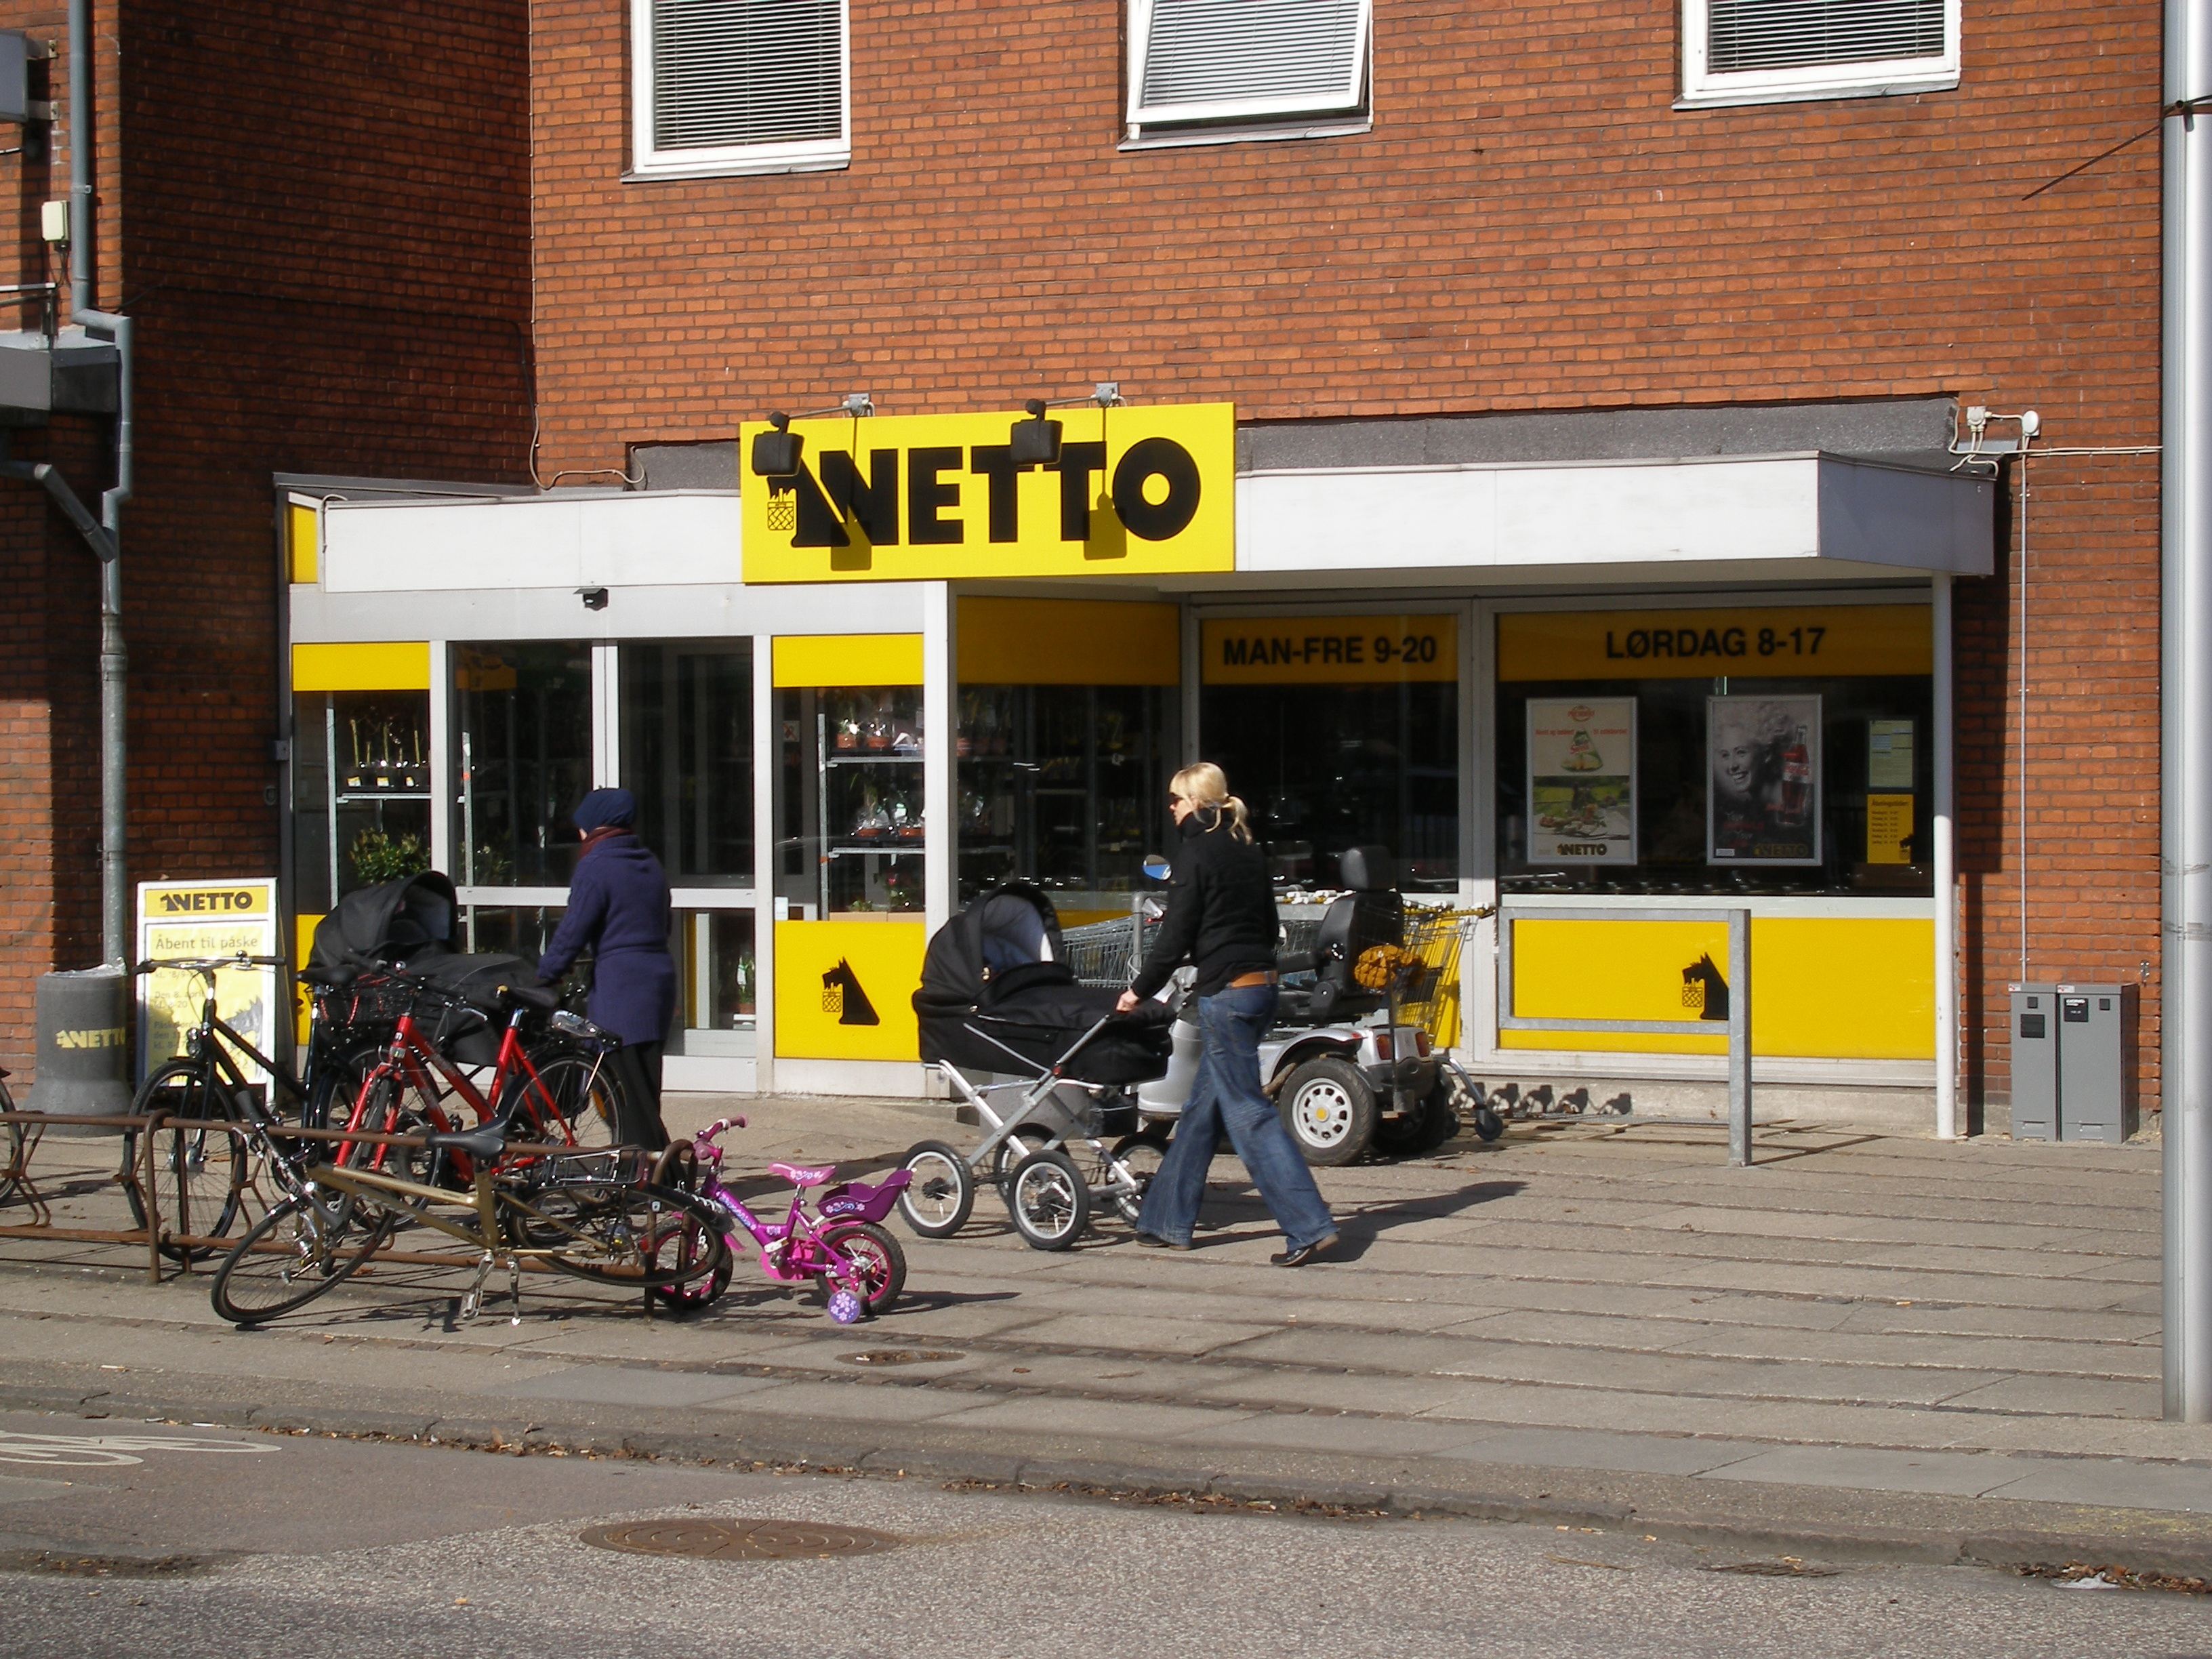 Nett0